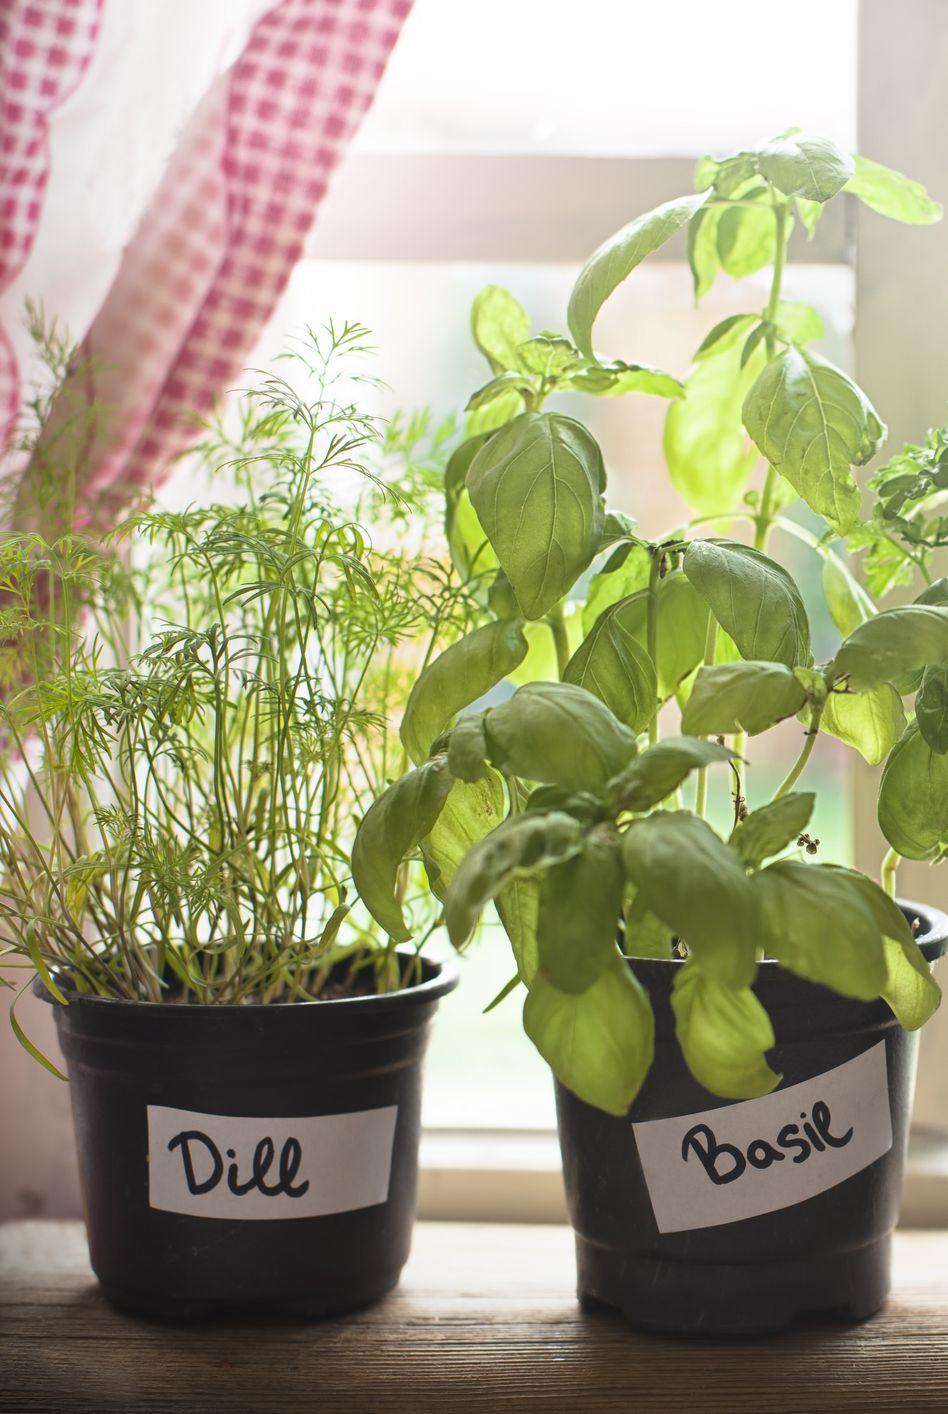 Gợi ý những loại cây tốt nhất có thể trồng trong nhà bếp để làm sáng không gian nhà bạn - Ảnh 2.